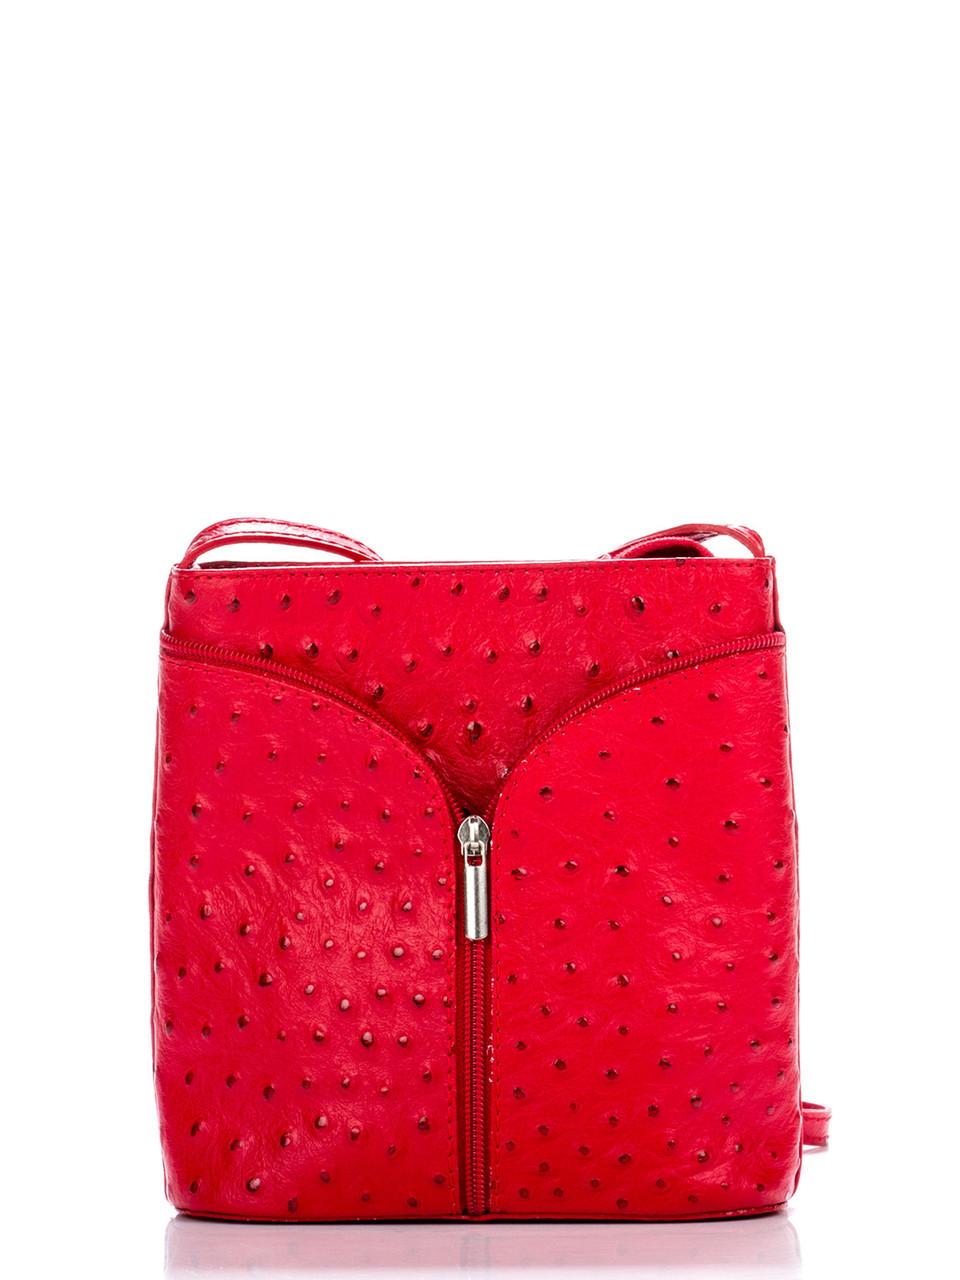 Diva's Bag Женская кожаная сумка KYRA цвет красный